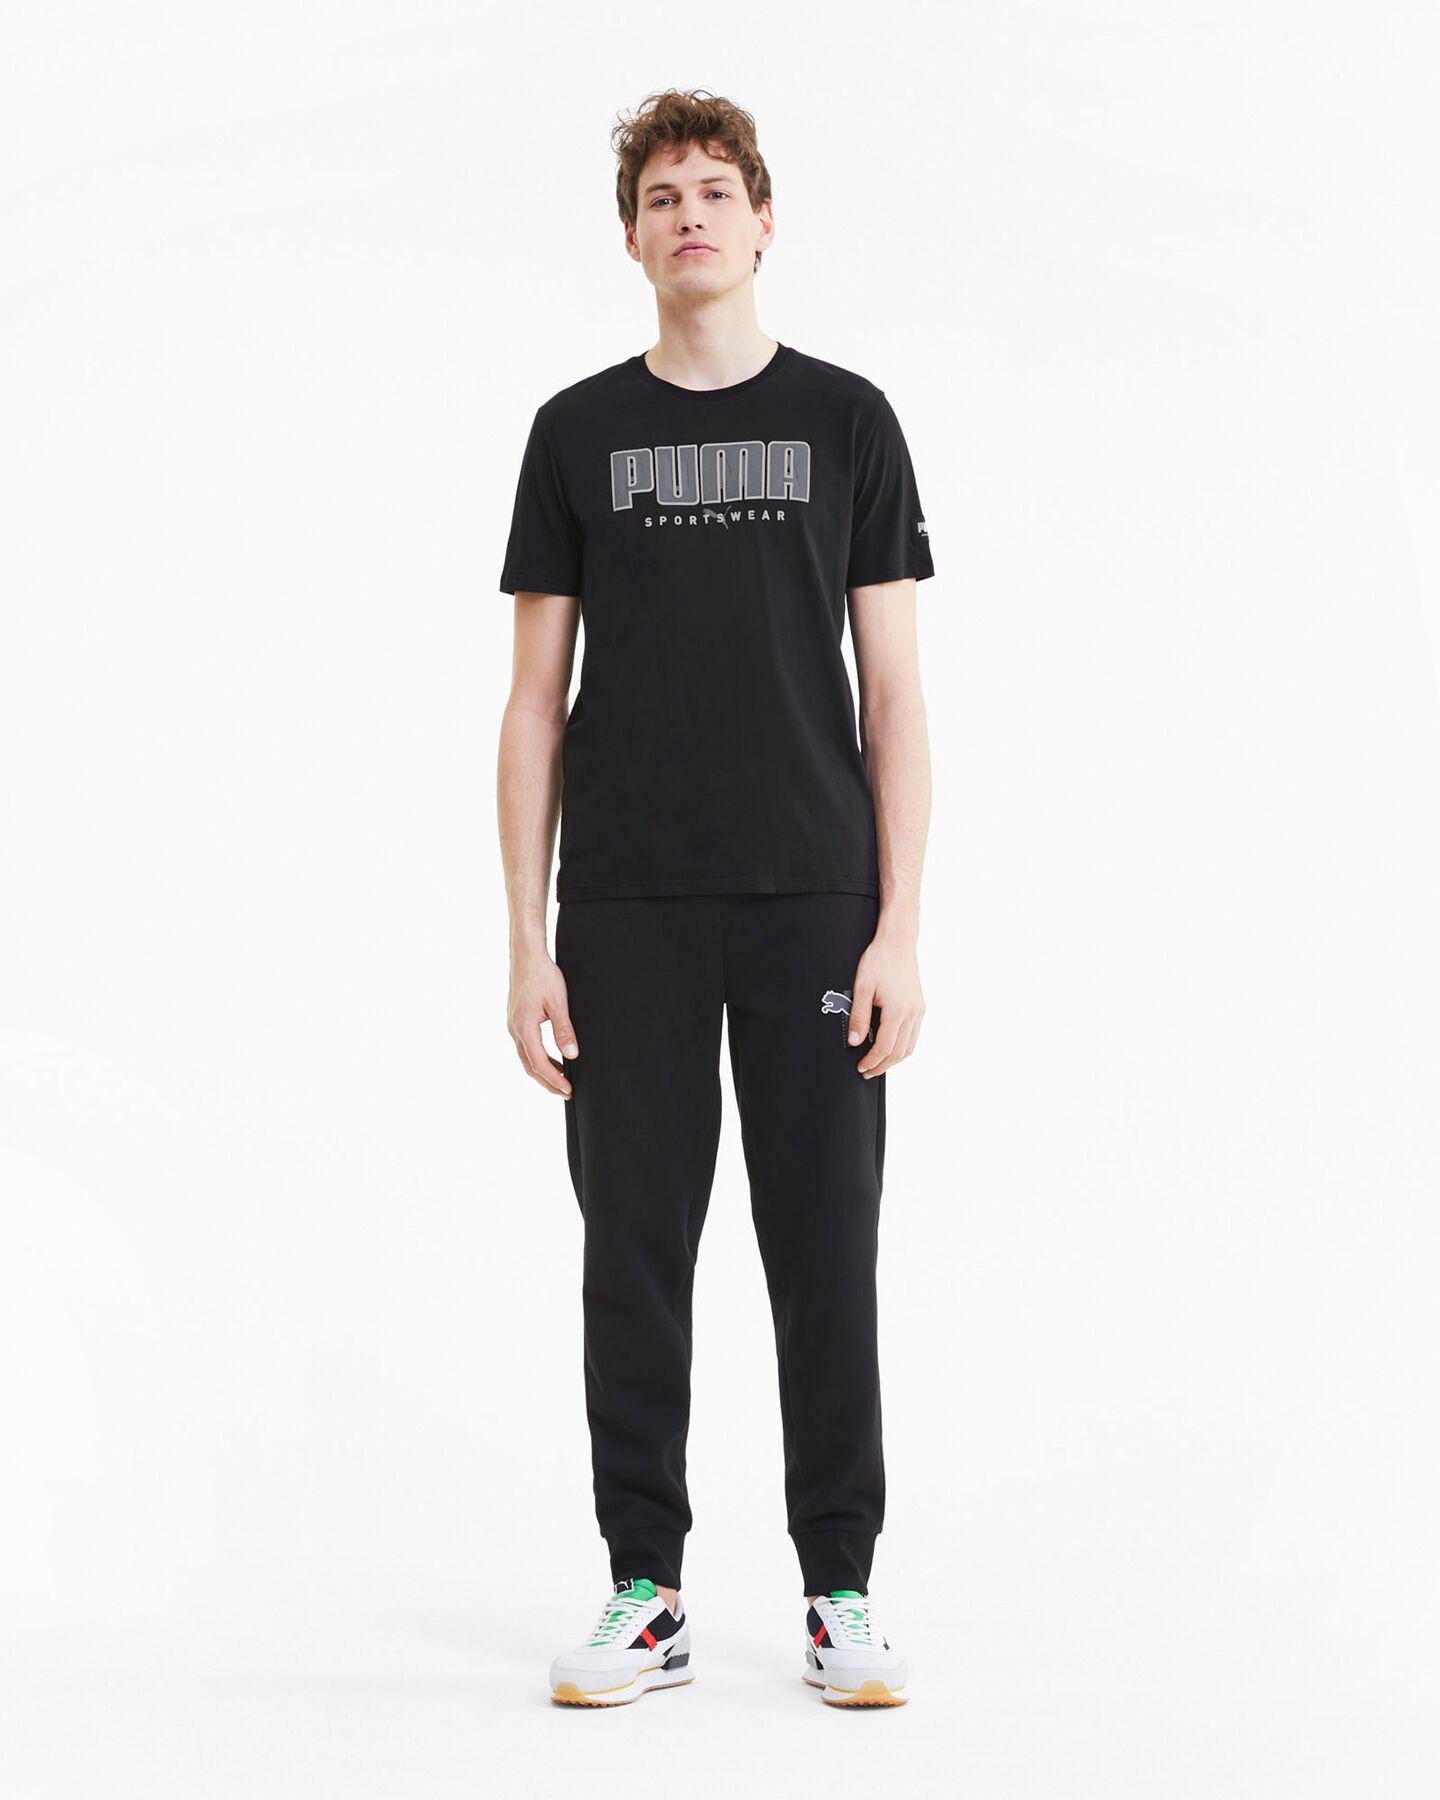 T-Shirt PUMA ATHTLETIC M S5235064 scatto 4